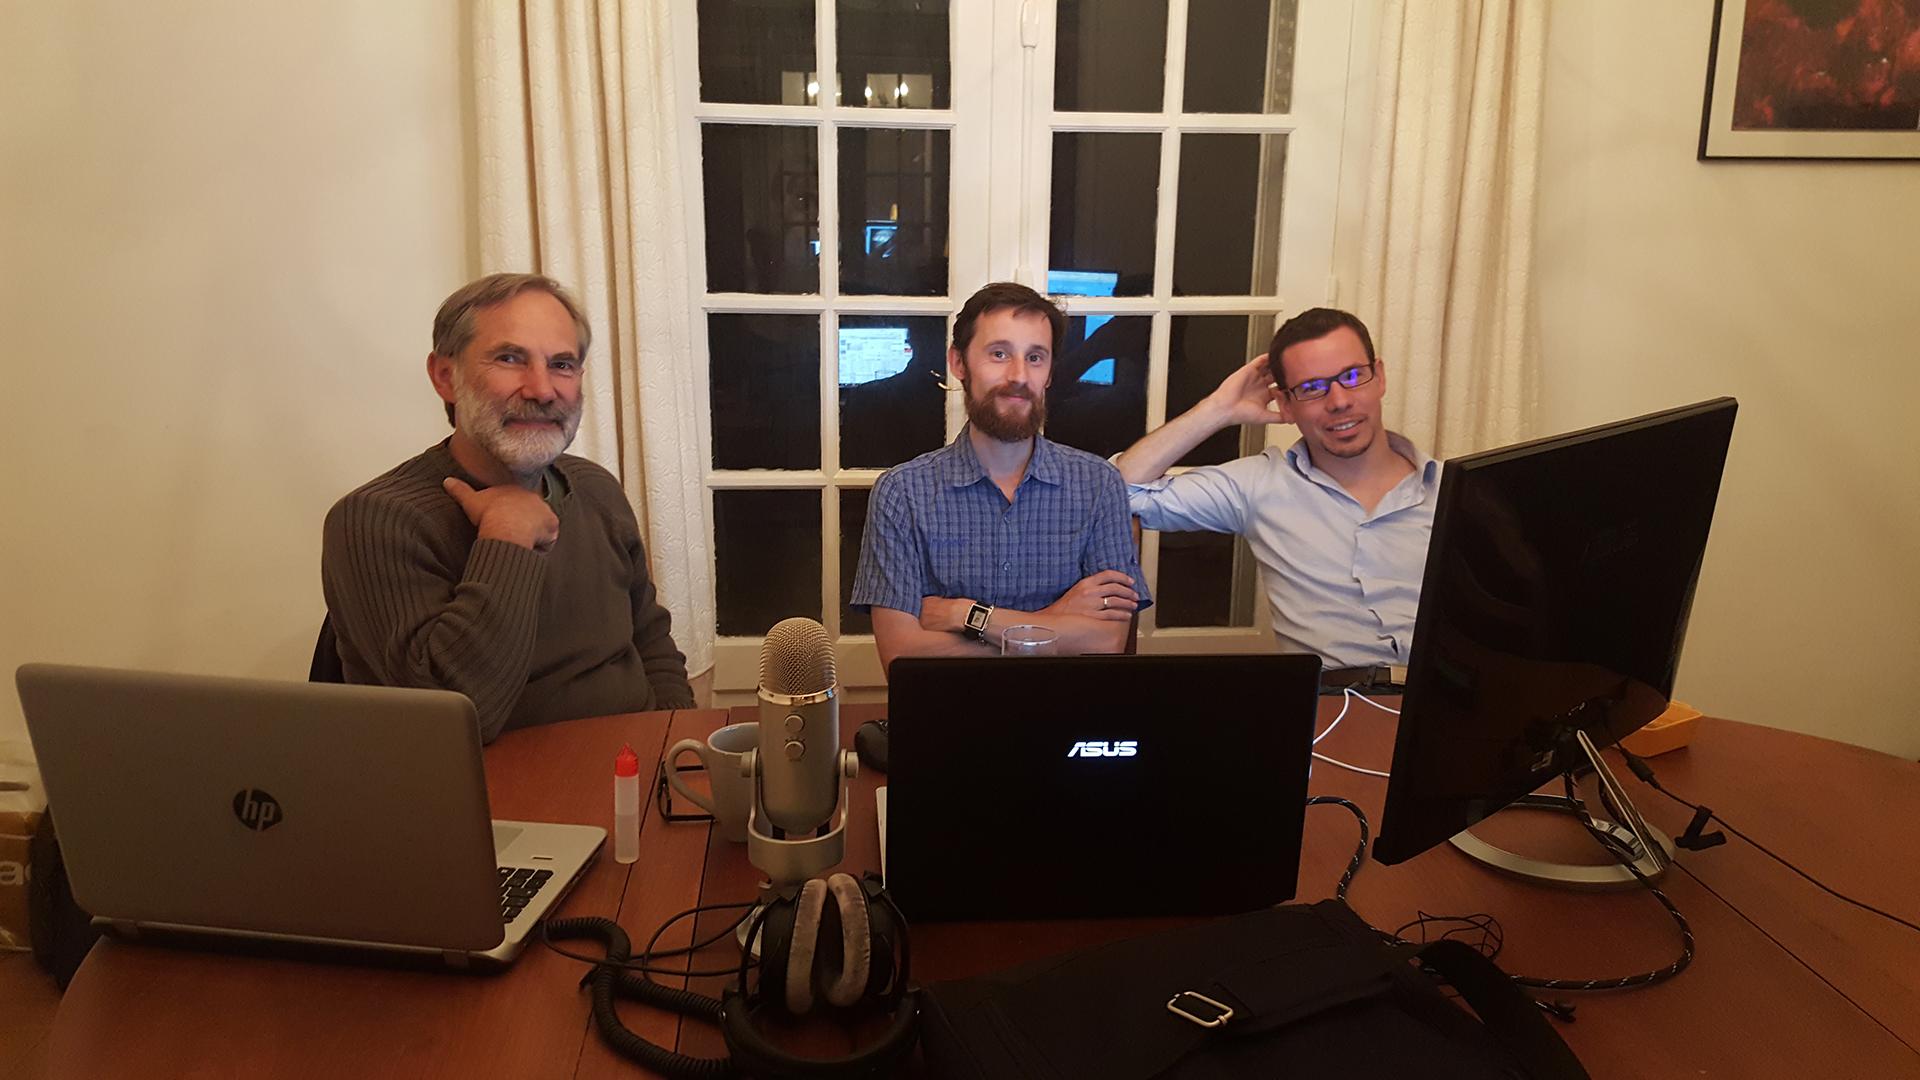 L'équipe à distance pour tester et régler les paramètres : Gilles, Nicolas, David